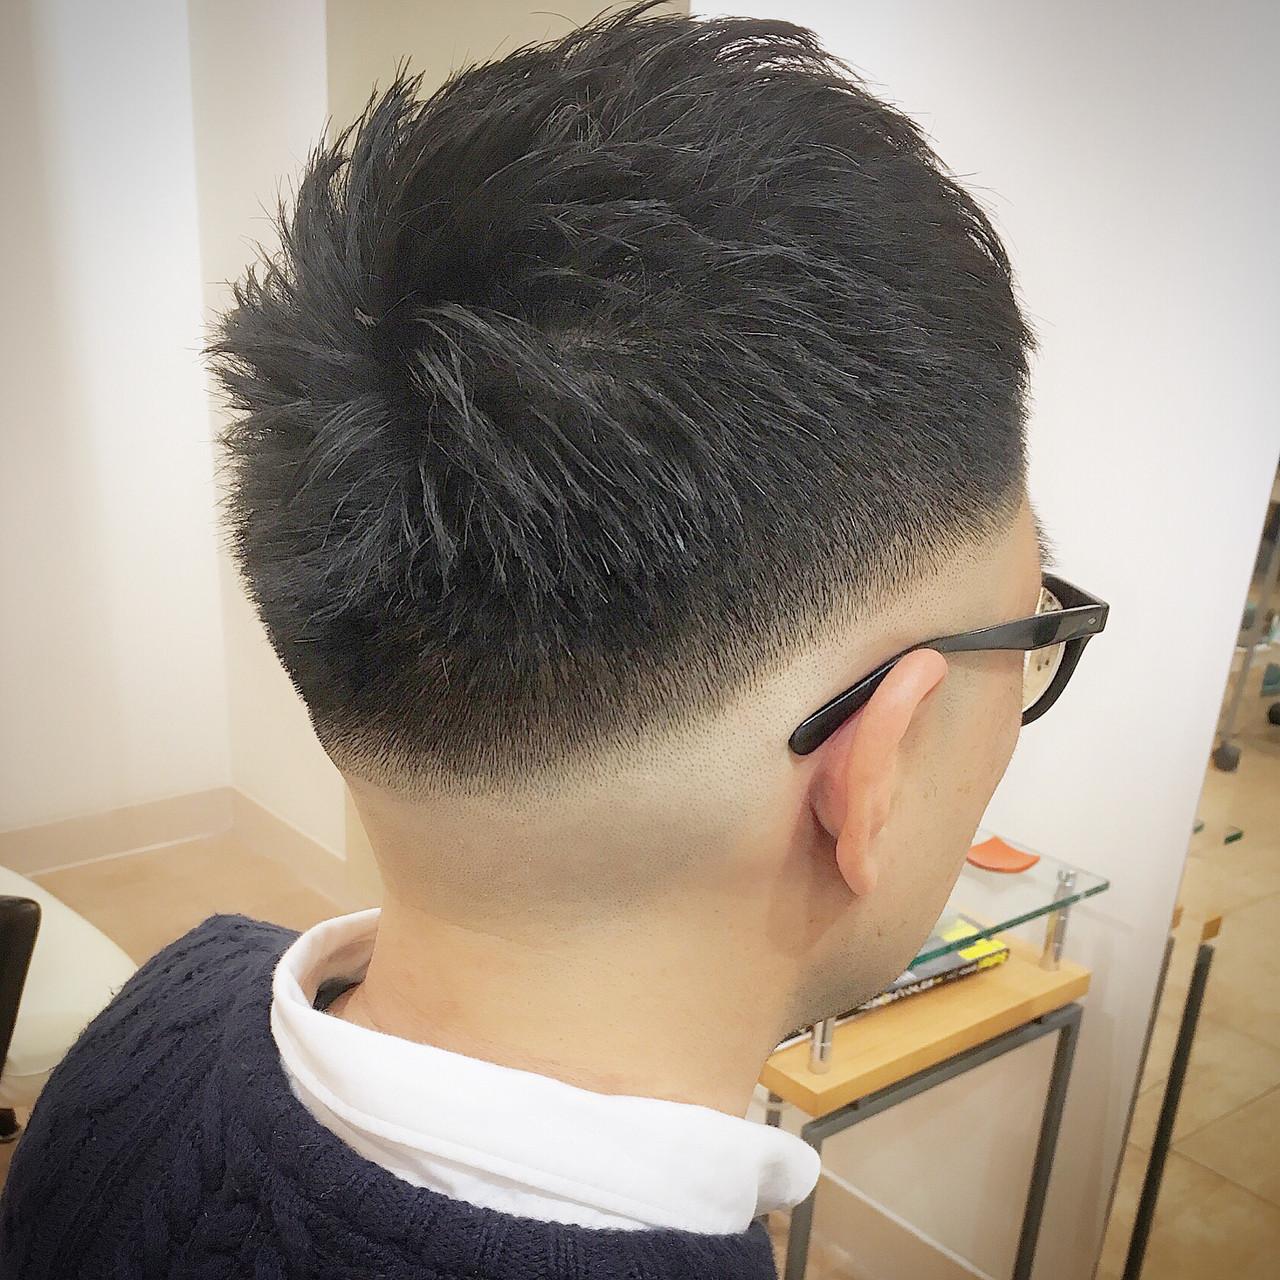 刈り上げ ストリート フェードカット ショート ヘアスタイルや髪型の写真・画像